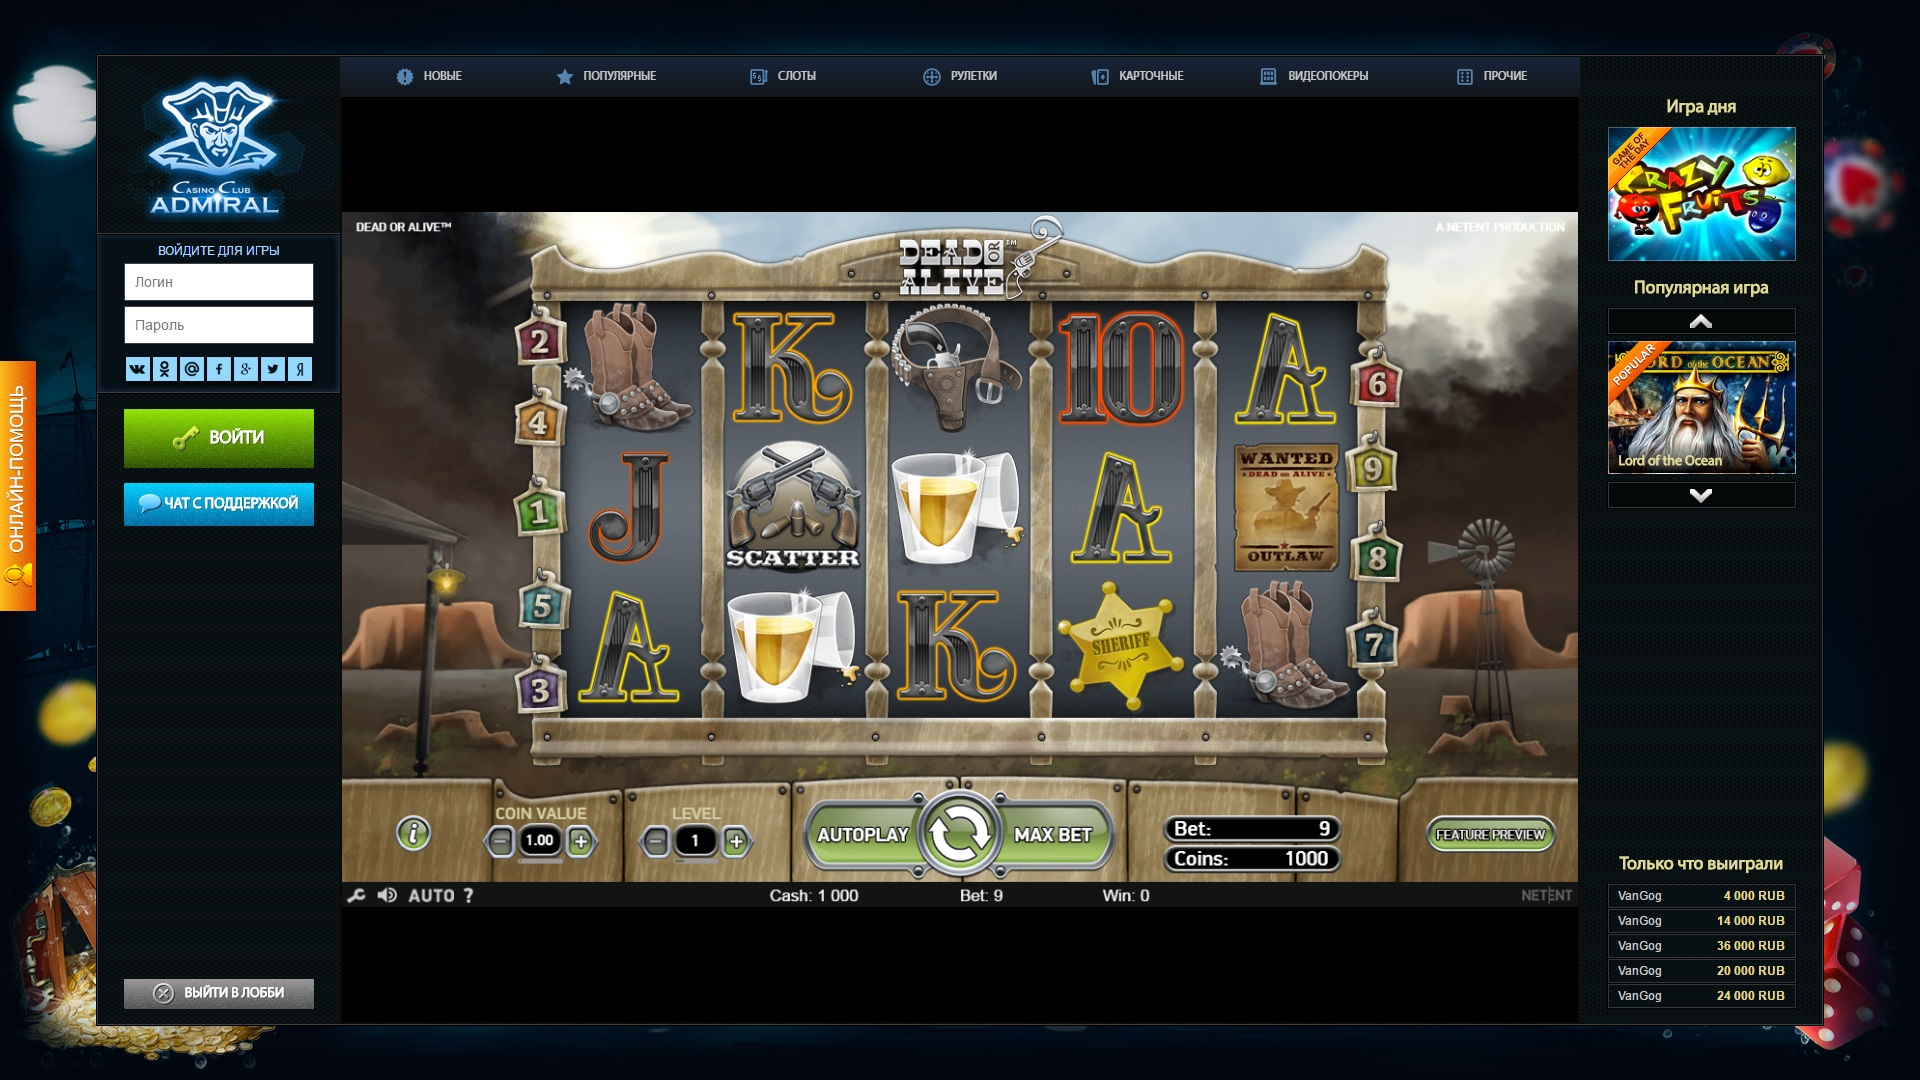 Оплата через смс игровые автоматы играть топ рейтинг игровых автоматов